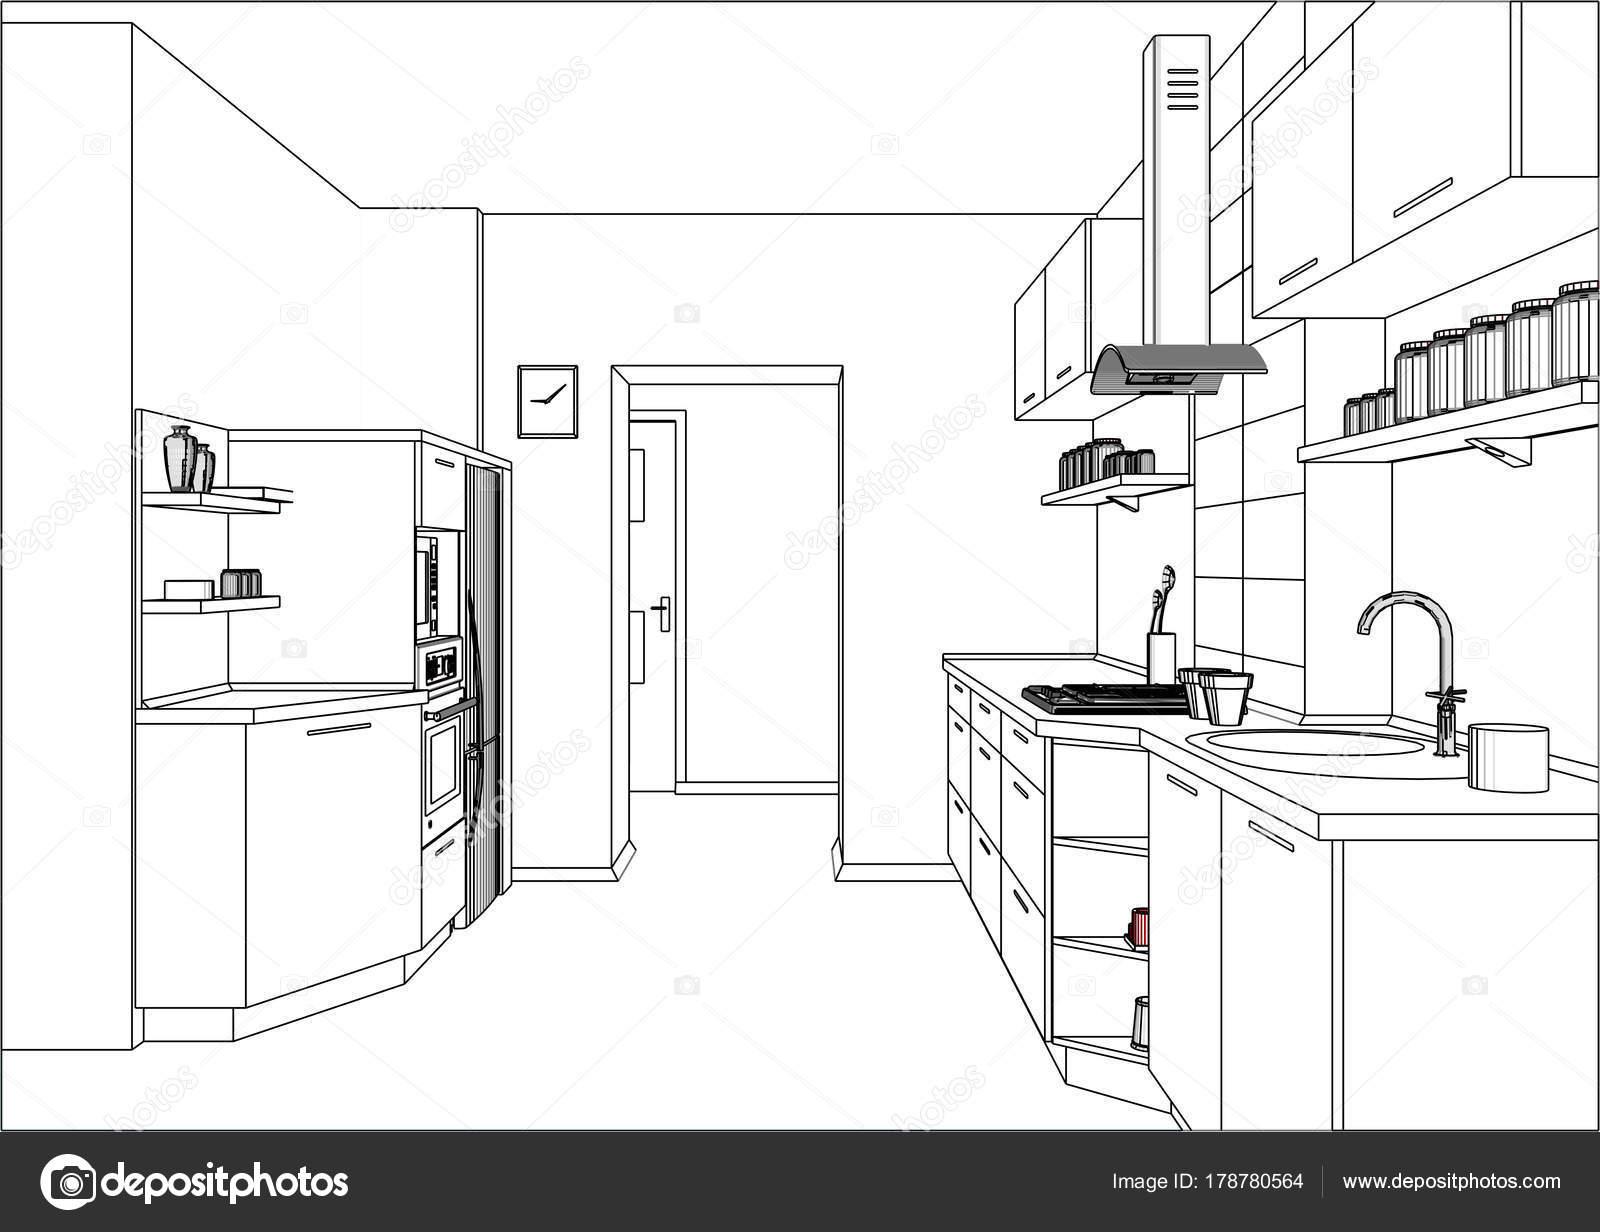 dibujo de vector 3D. Muebles de cocina moderno diseño interior ...